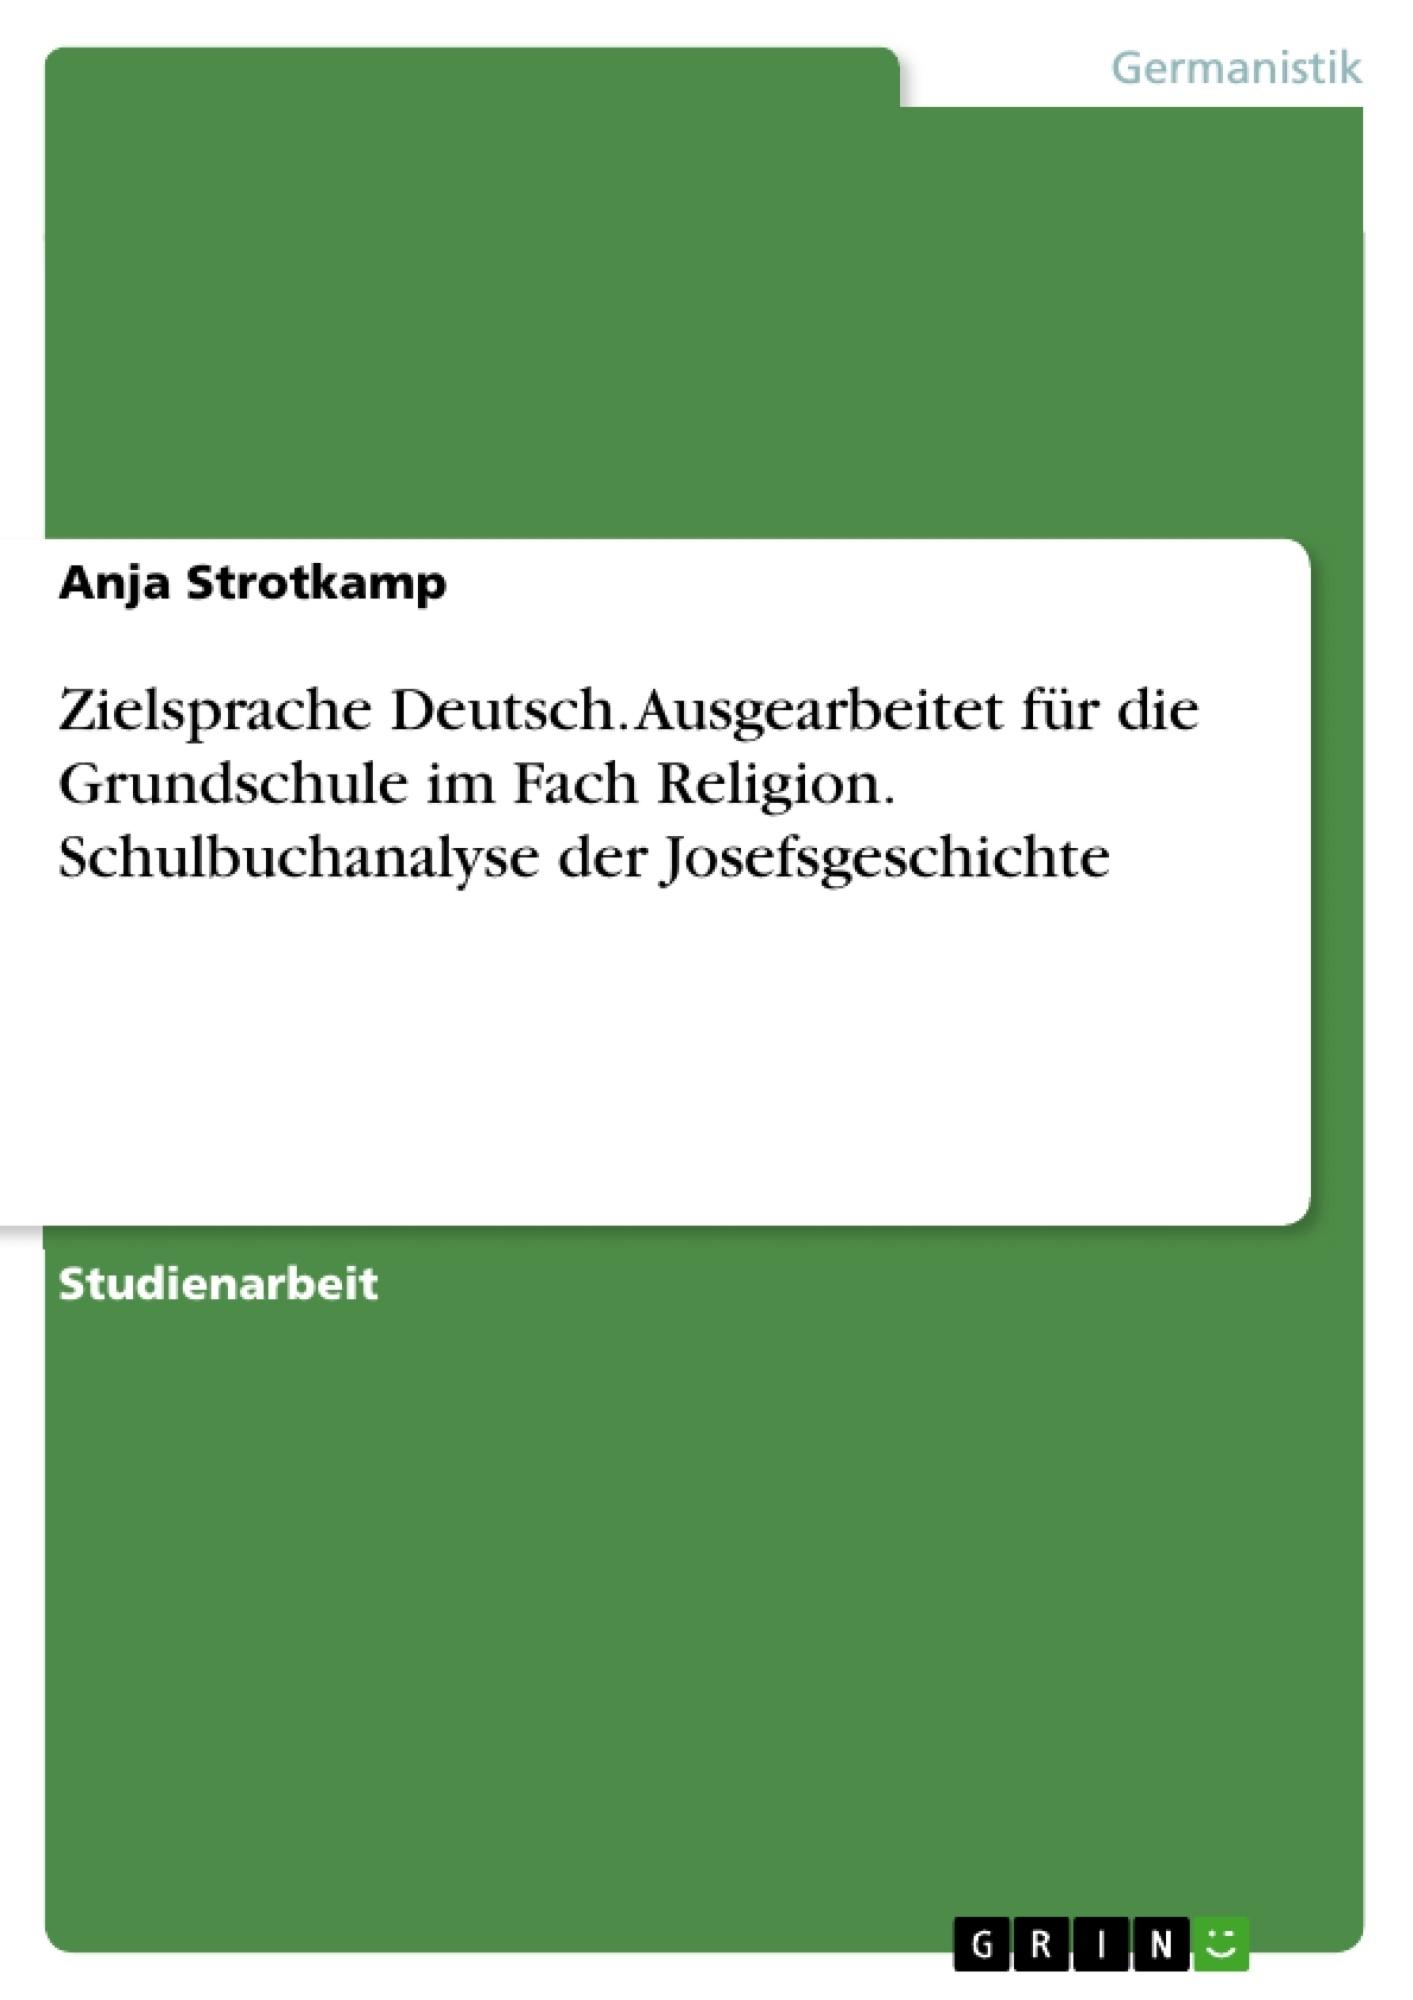 Titel: Zielsprache Deutsch. Ausgearbeitet für die Grundschule im Fach Religion. Schulbuchanalyse der Josefsgeschichte